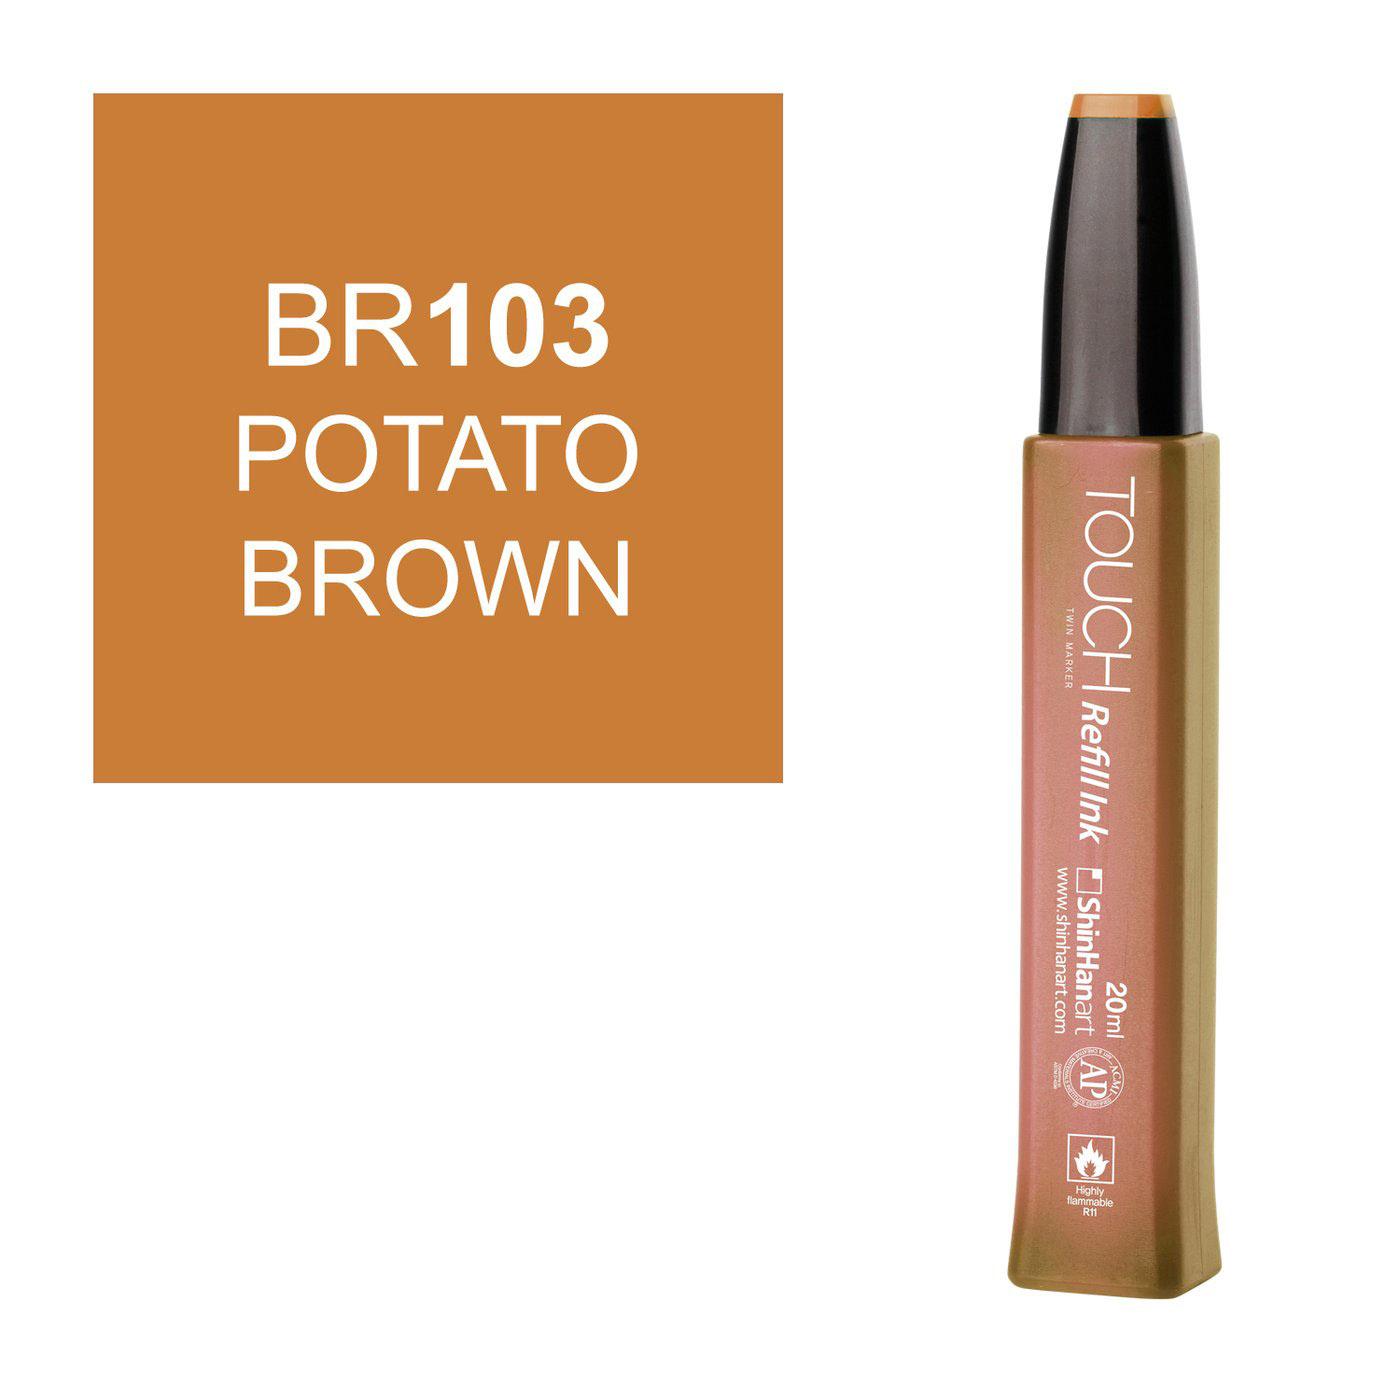 Купить Заправка для маркеров Touch Refill Ink 20 мл BR103 Картофельный, ShinHan Art (Touch), Южная Корея